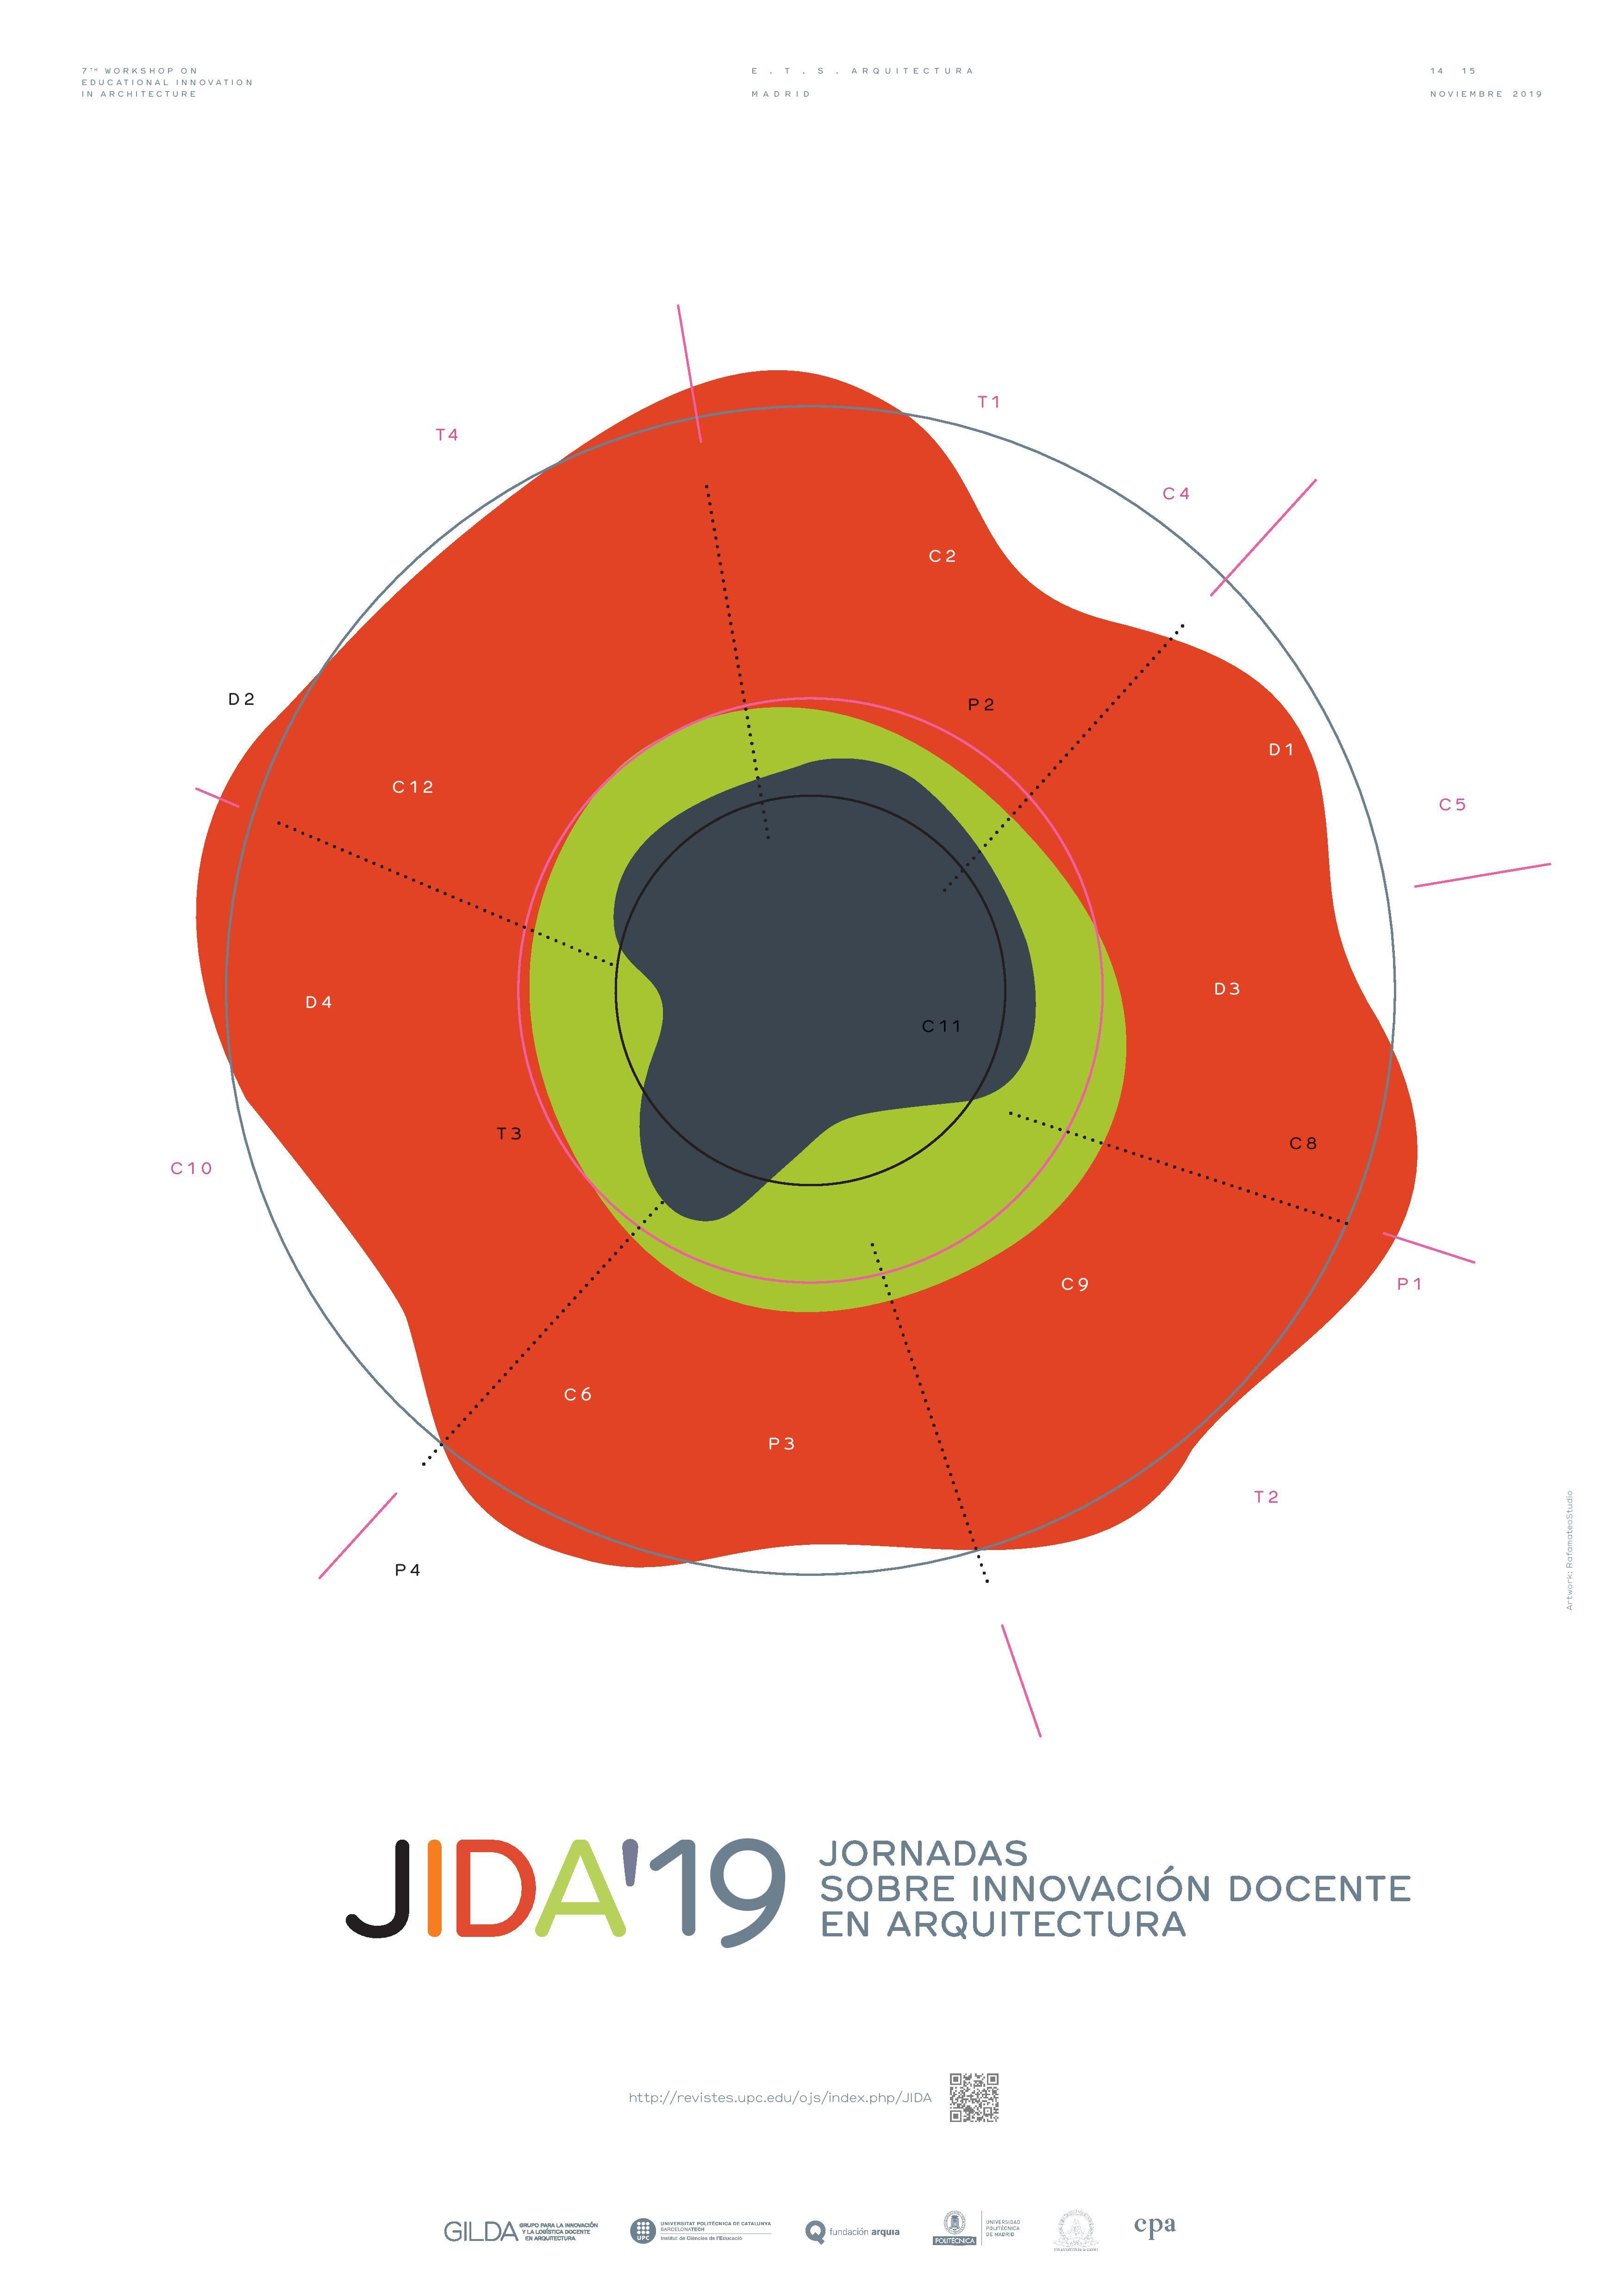 JIDA 19